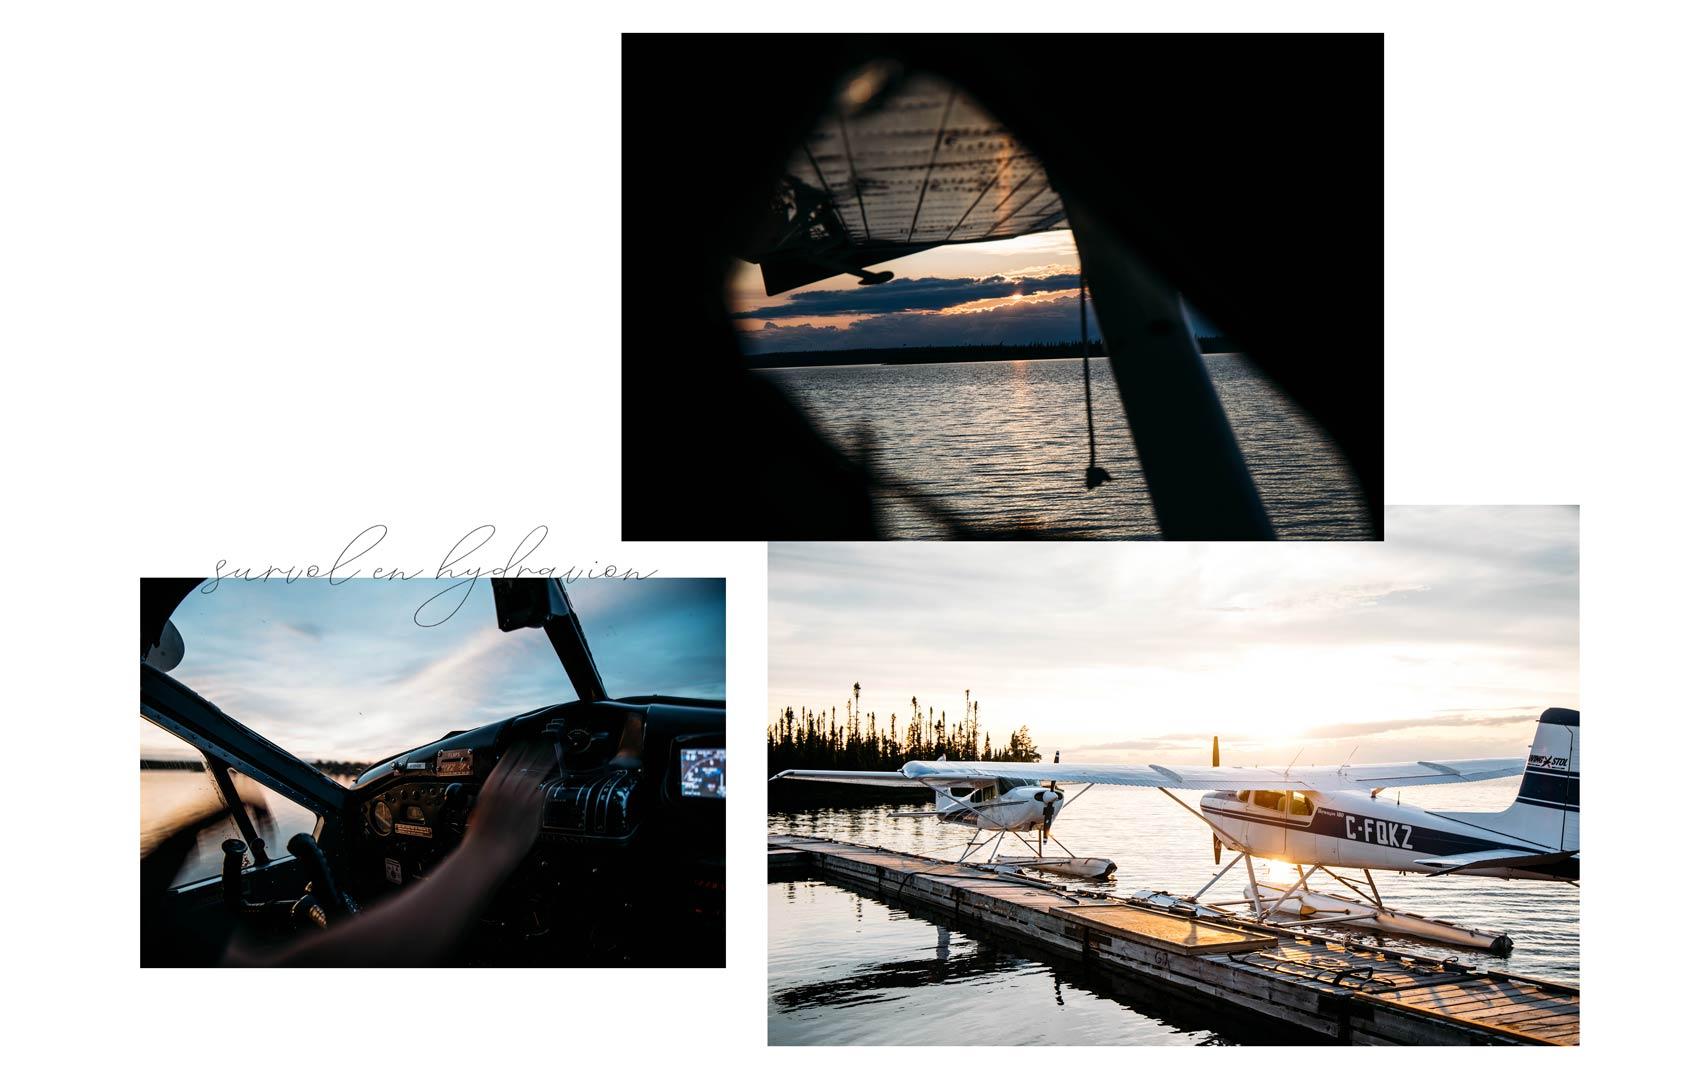 faire un survol en hydravion nord Québec